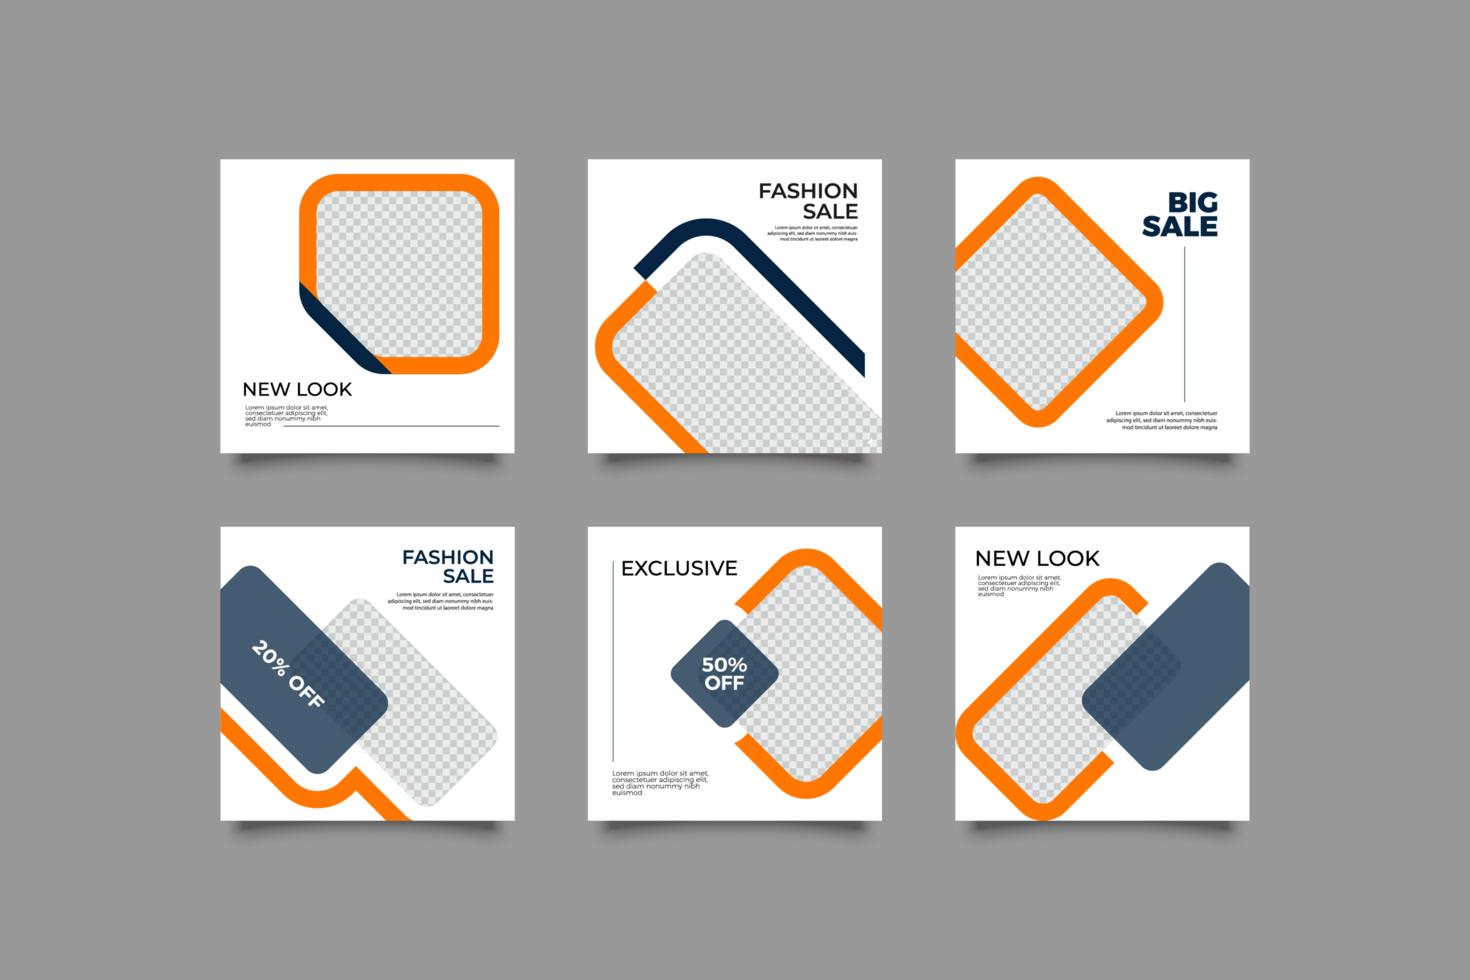 conception de publication de médias sociaux minimaliste vecteur